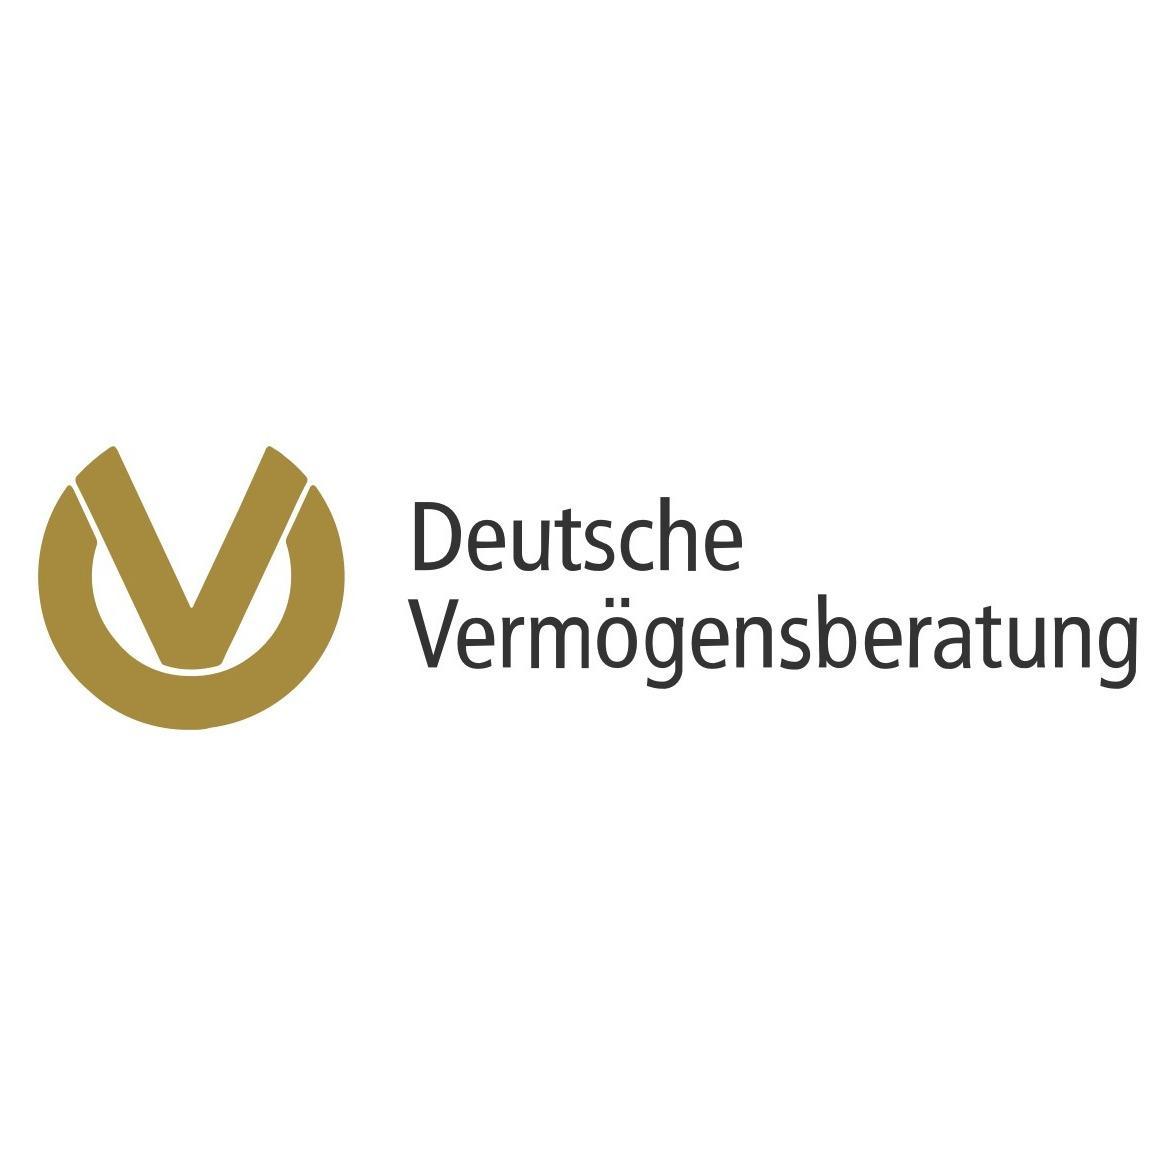 Bild zu Agentur für Deutsche Vermögensberatung Christine Schunack in Stuttgart